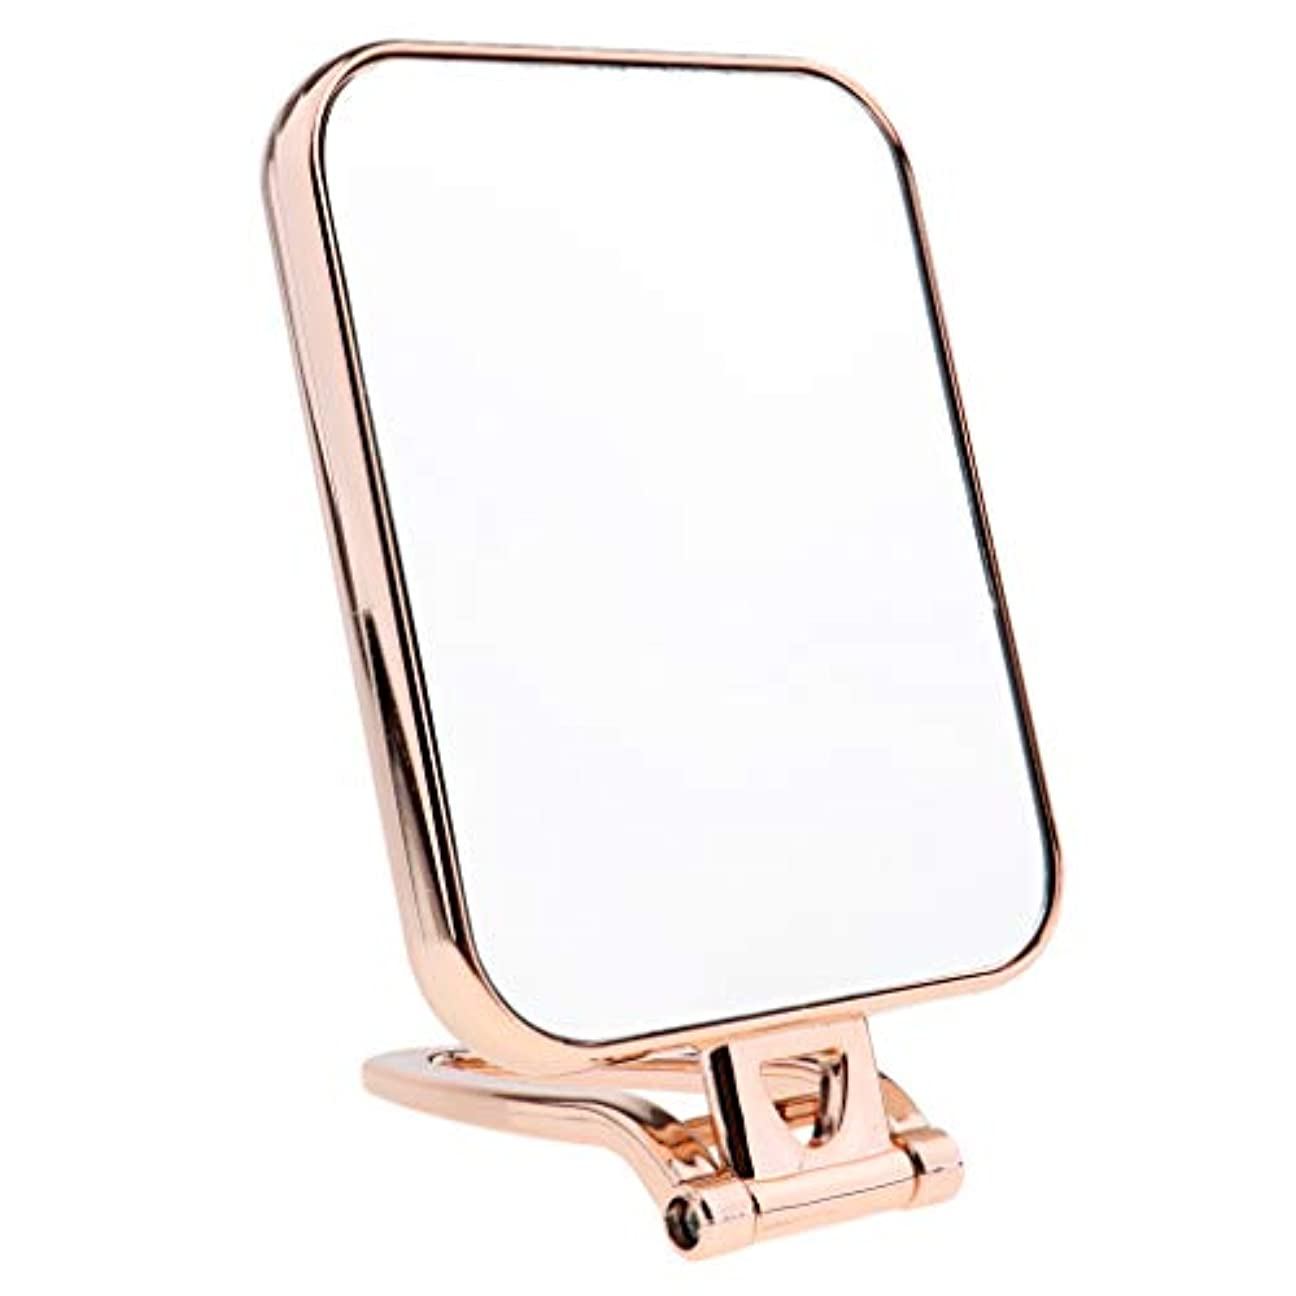 軽減自治的台風3色選択 スクエア 化粧鏡 化粧台ミラー スタンド付き 卓上ミラー 両面ミラー 両面鏡 - ゴールド